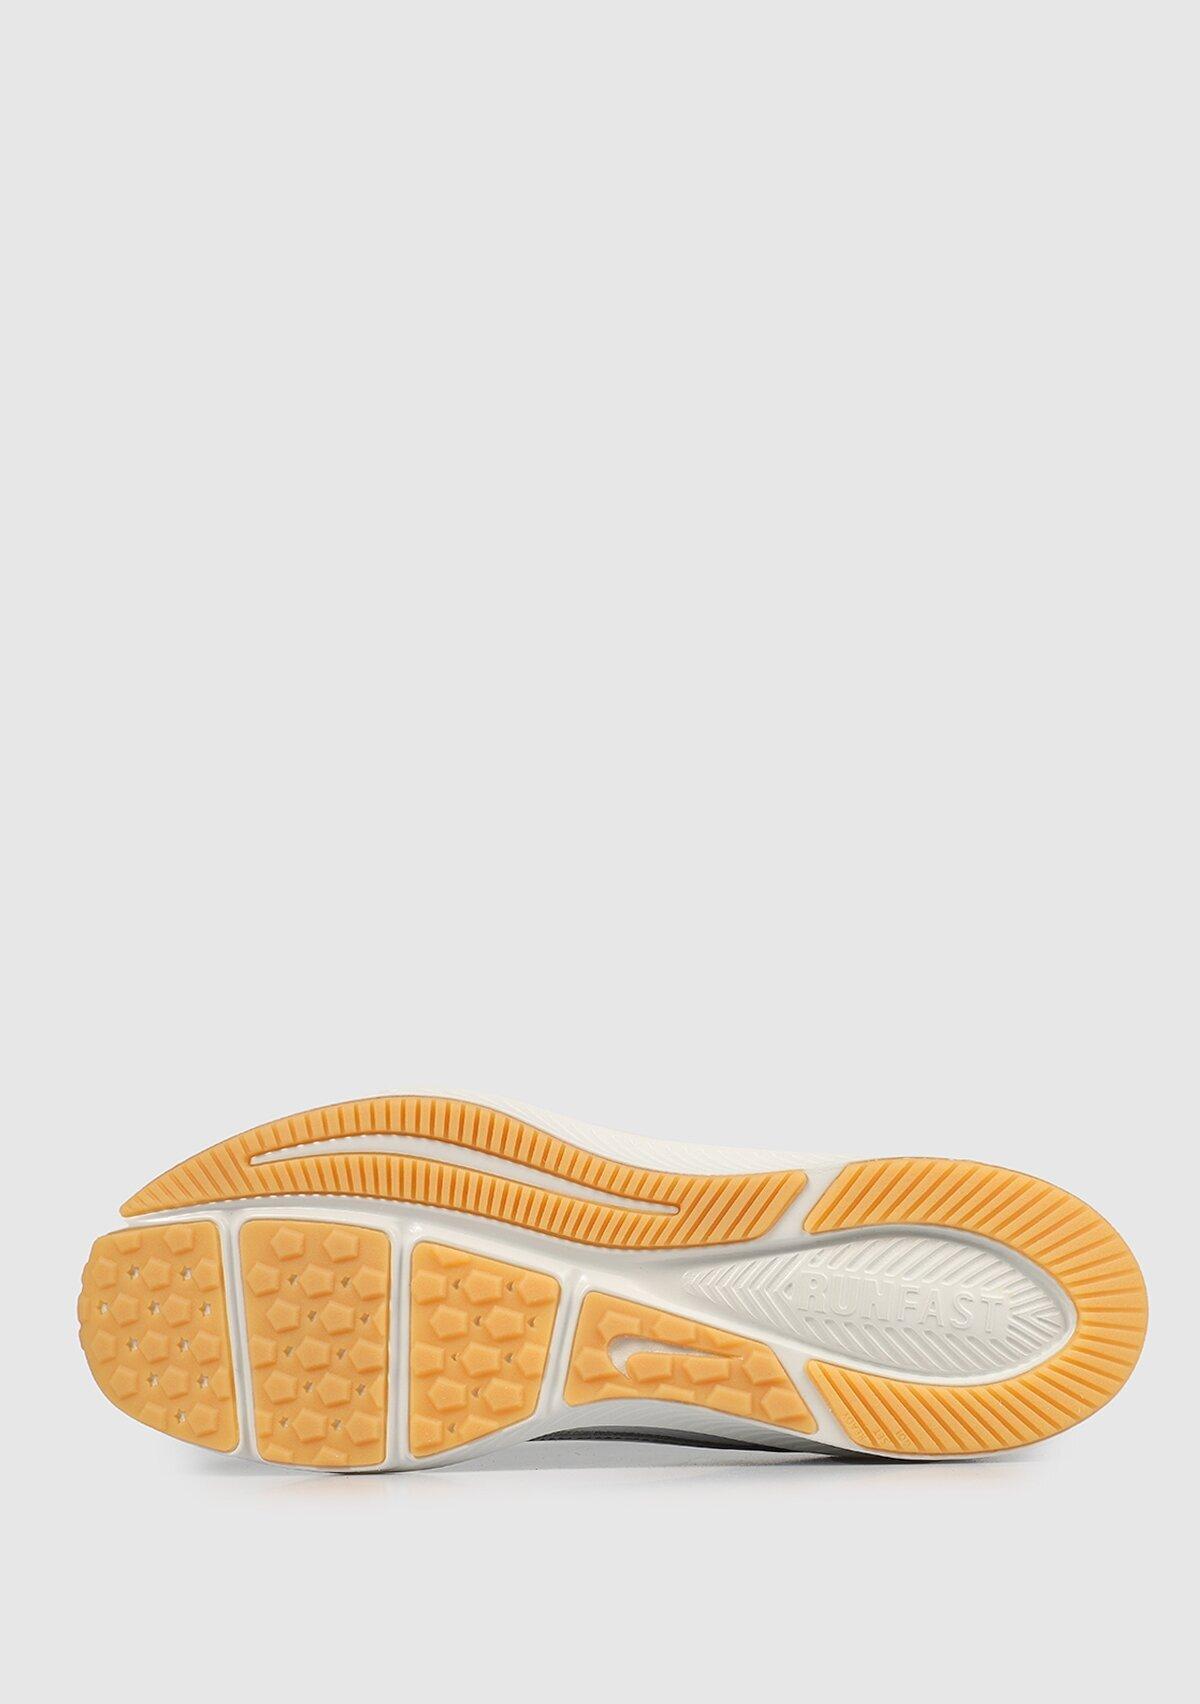 resm Varsity Leather Beyaz Kadın Spor Ayakkabı Cn9146-100